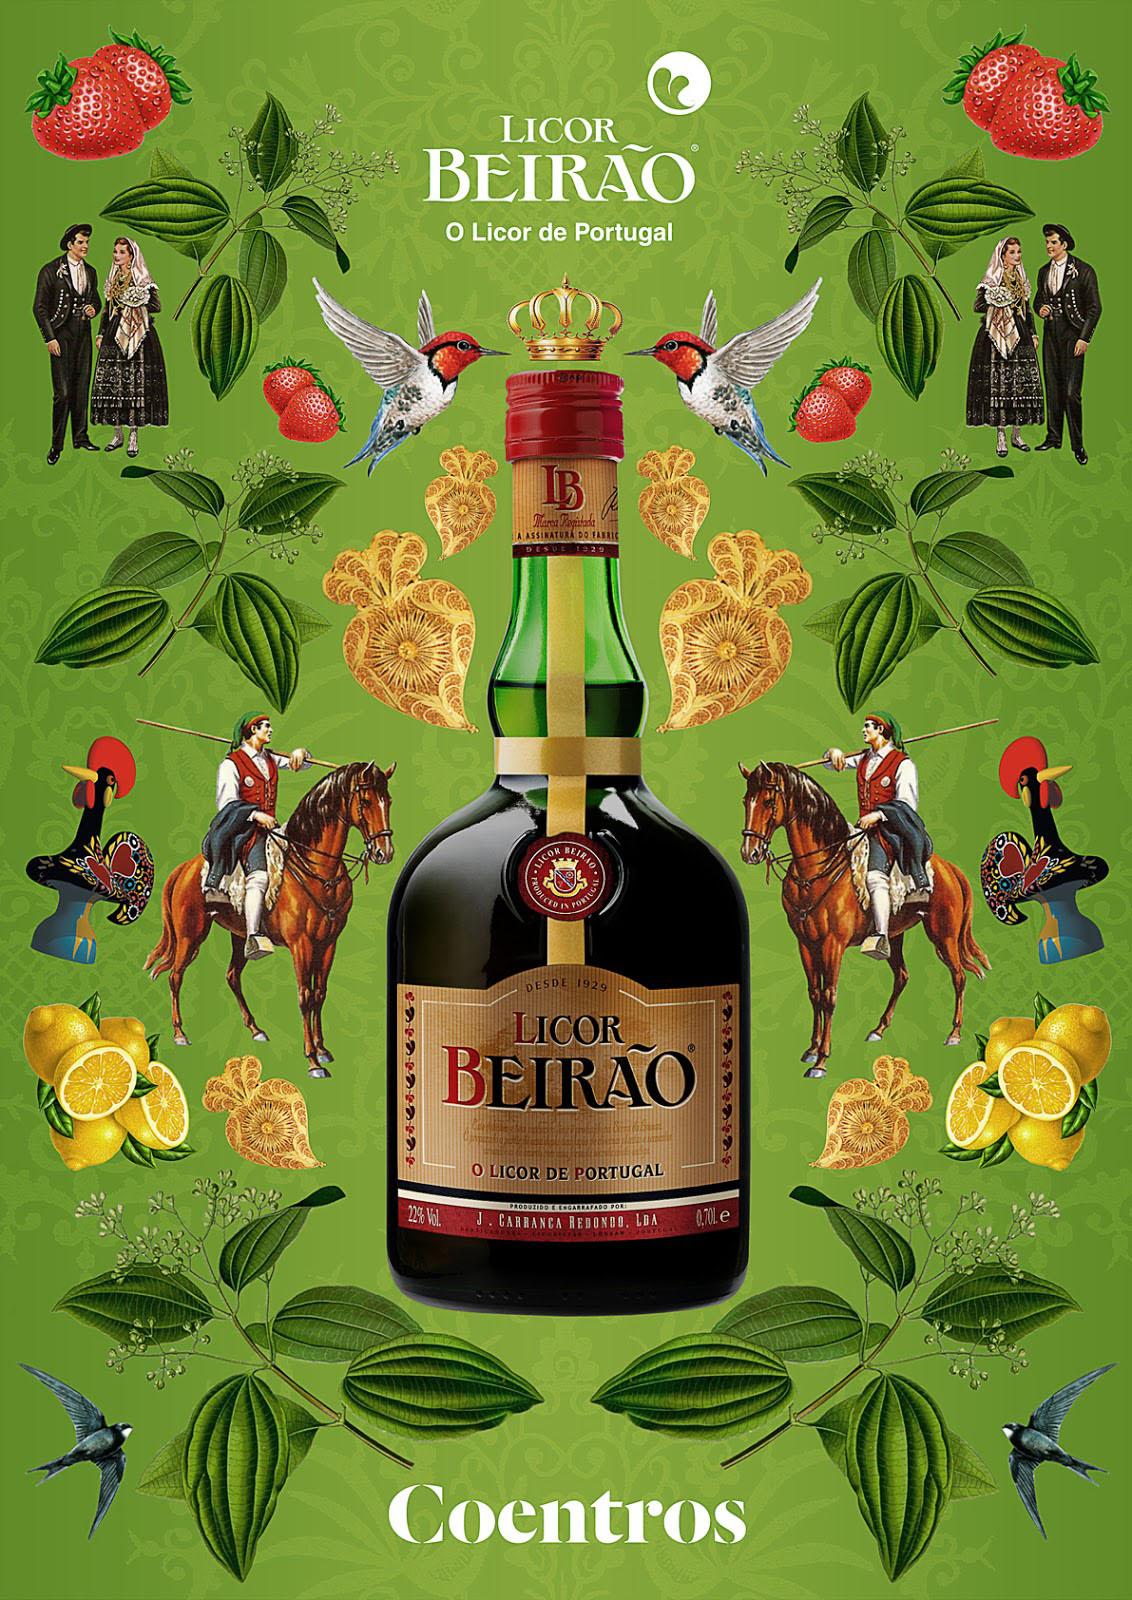 LICOR-BEIRAO-04